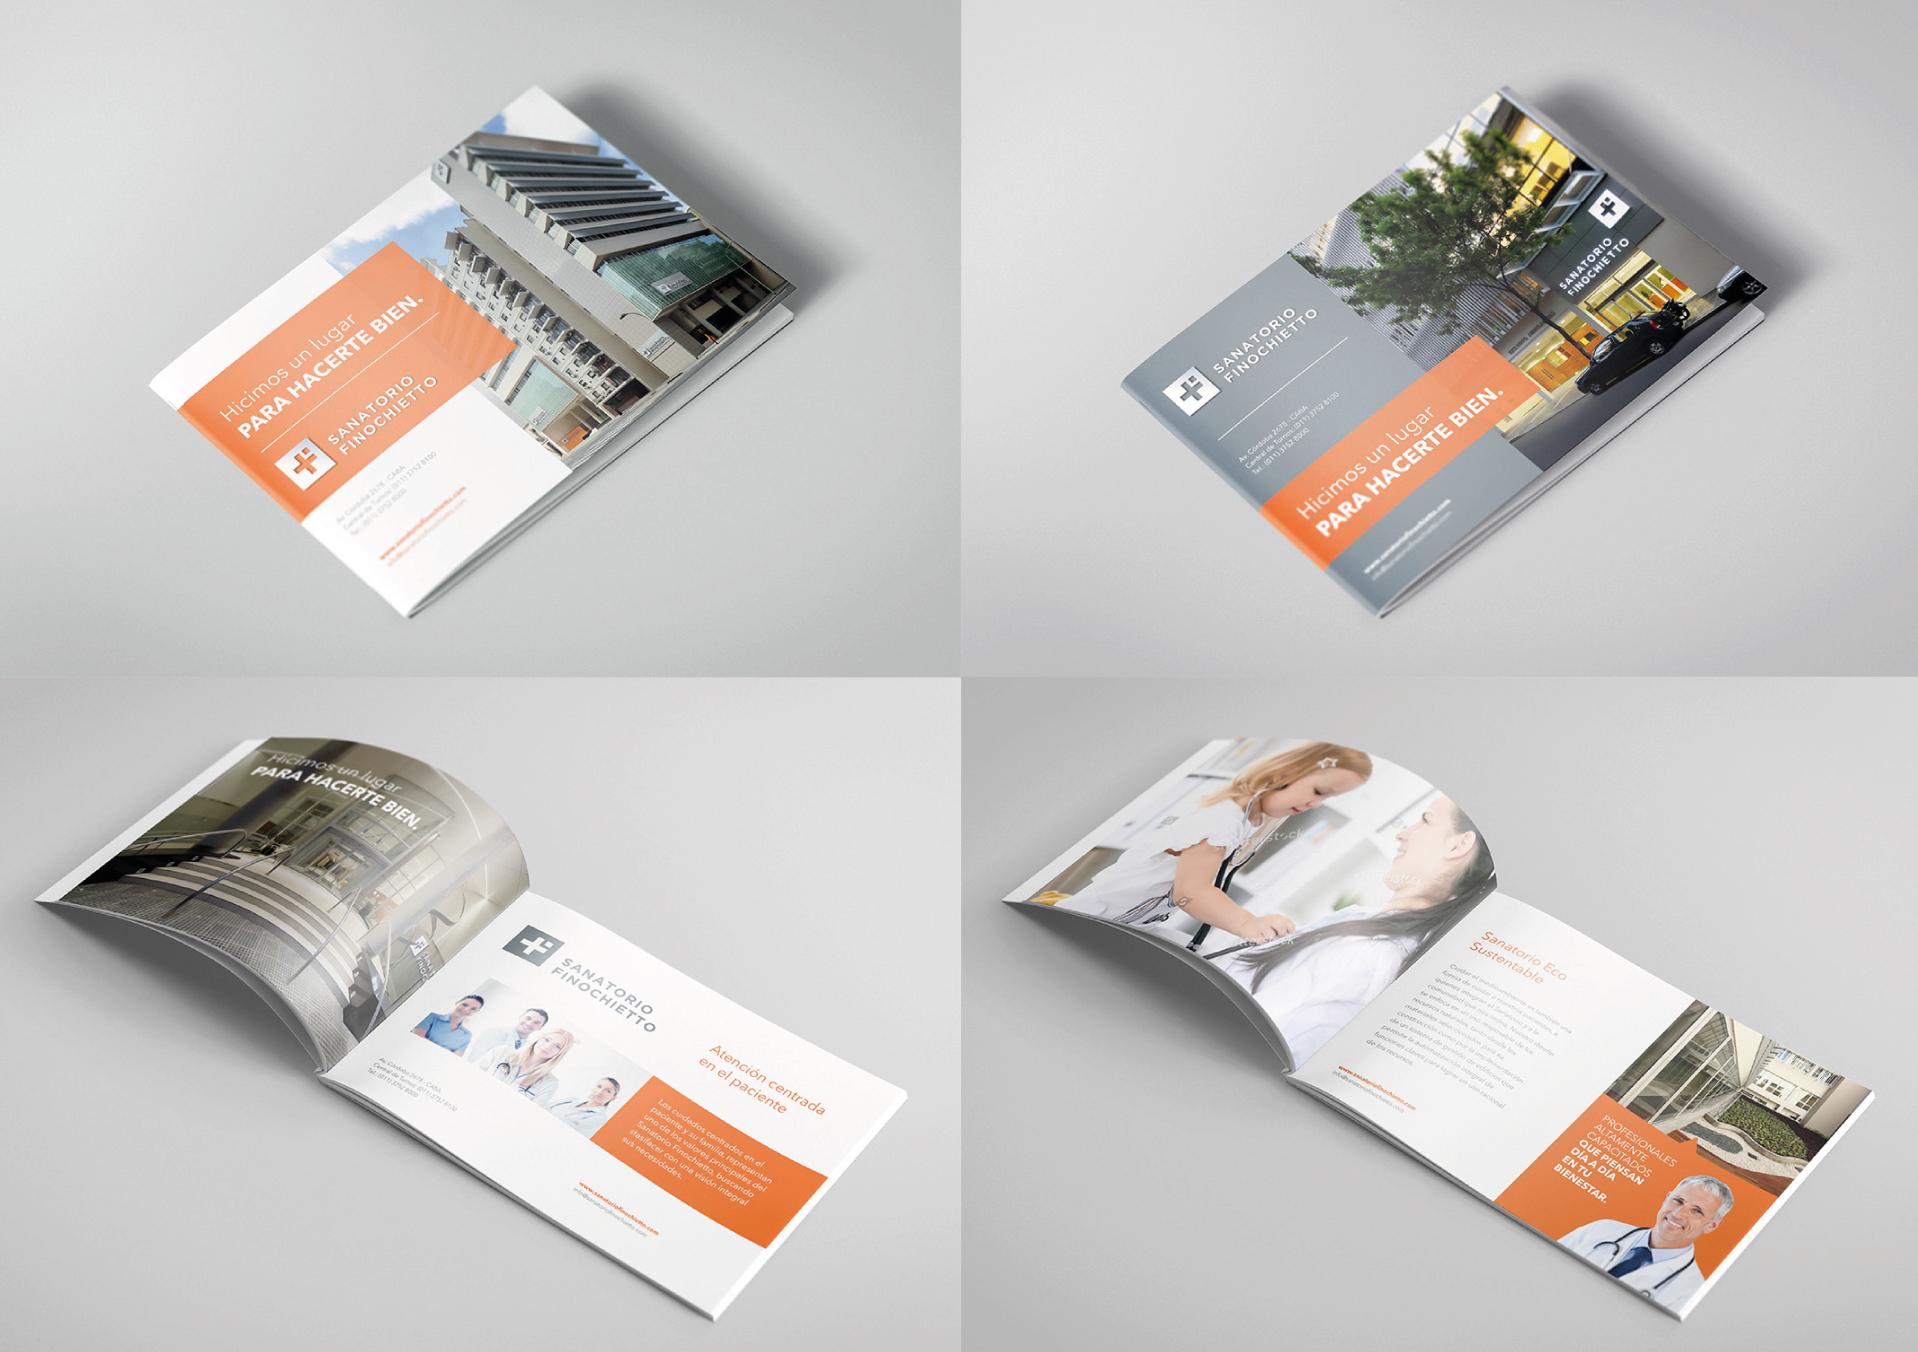 finochietto-brochures